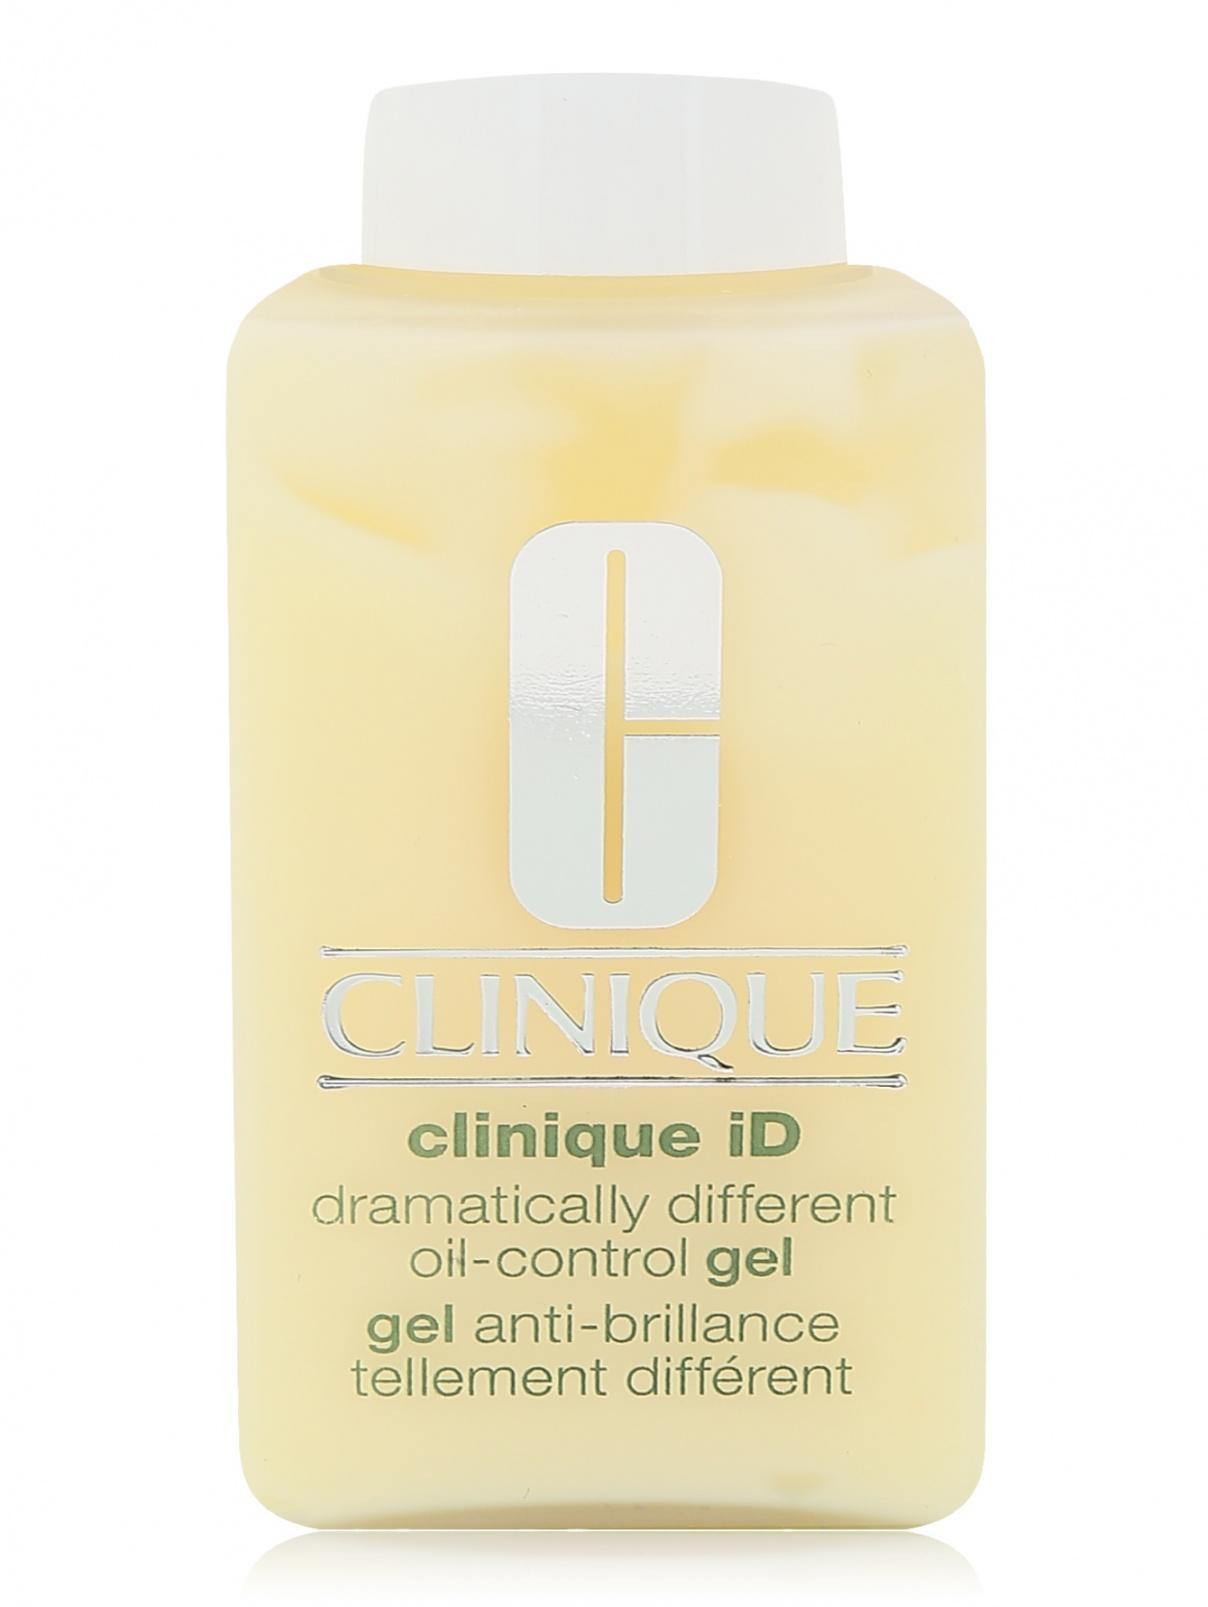 Увлажняющий гель Oil control 115 мл Clinique ID Clinique  –  Общий вид